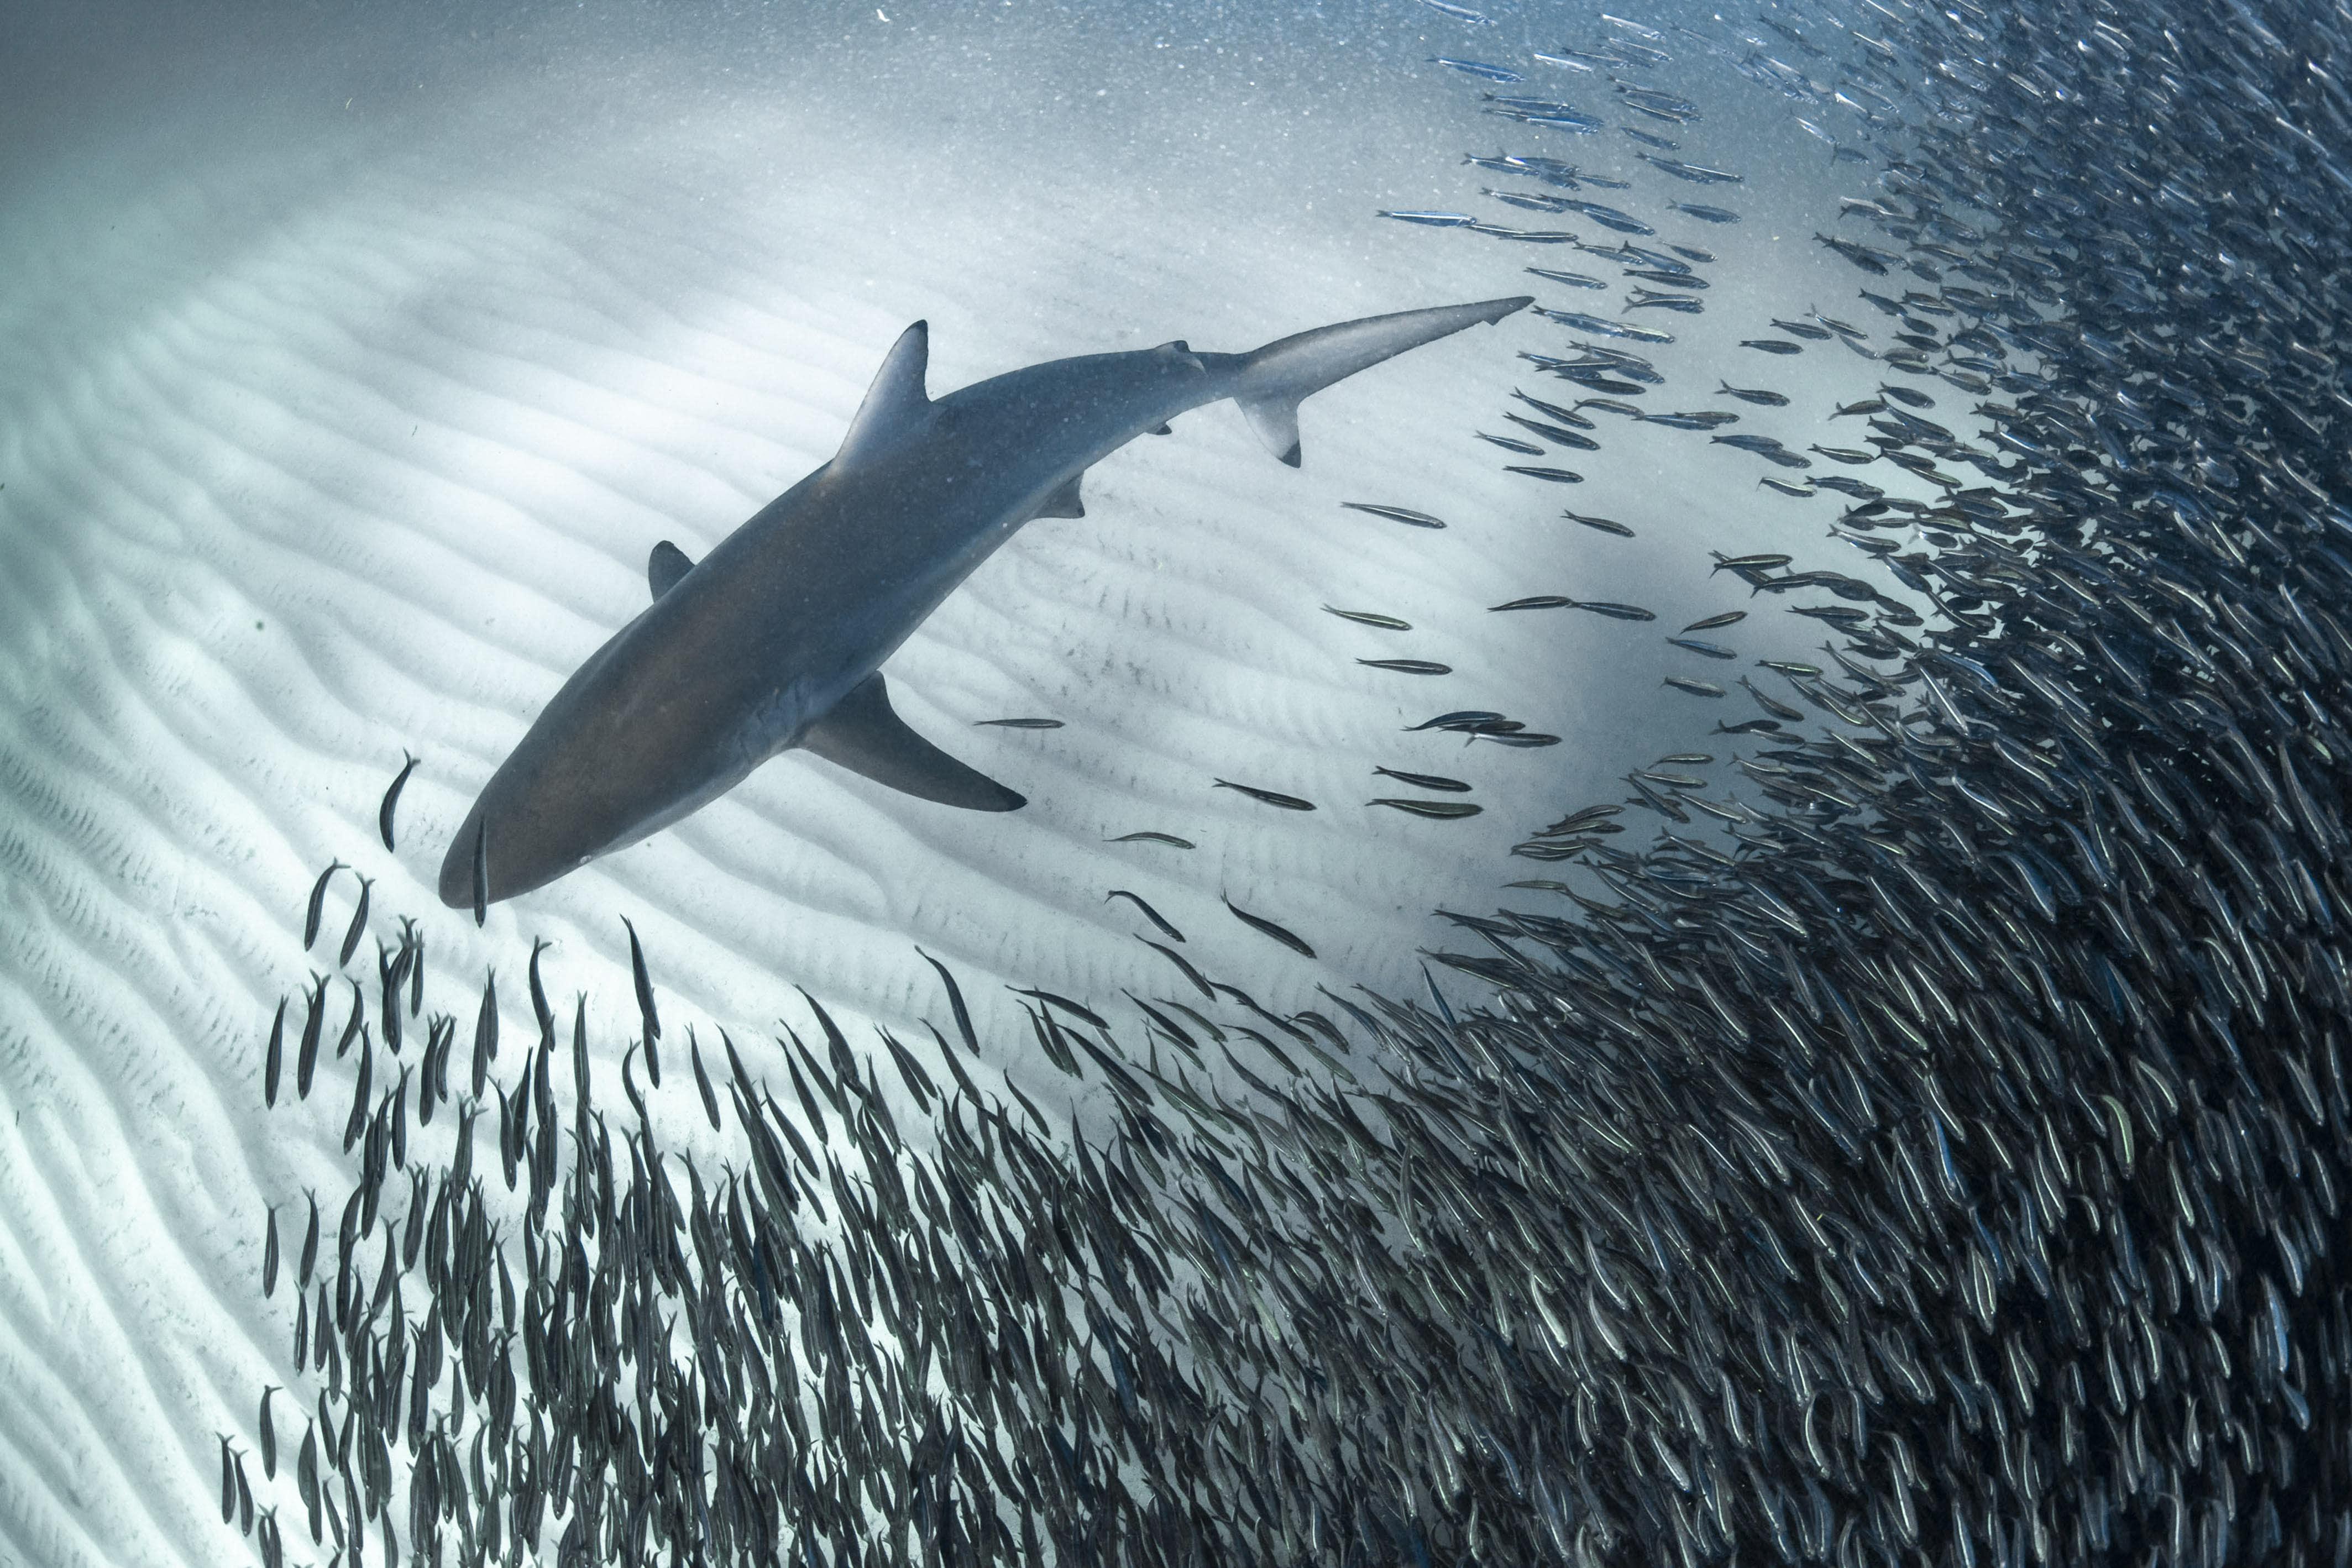 100-метровая стая рыб отступила, чтобы пропустить акулу. 28-летний Алекс Кидд, подводный фотограф изКорал-Бэй, Западная Австралия, сделал этот кадр нарифе Нингалу напобережье Западной Австралии вмае 2019 года.